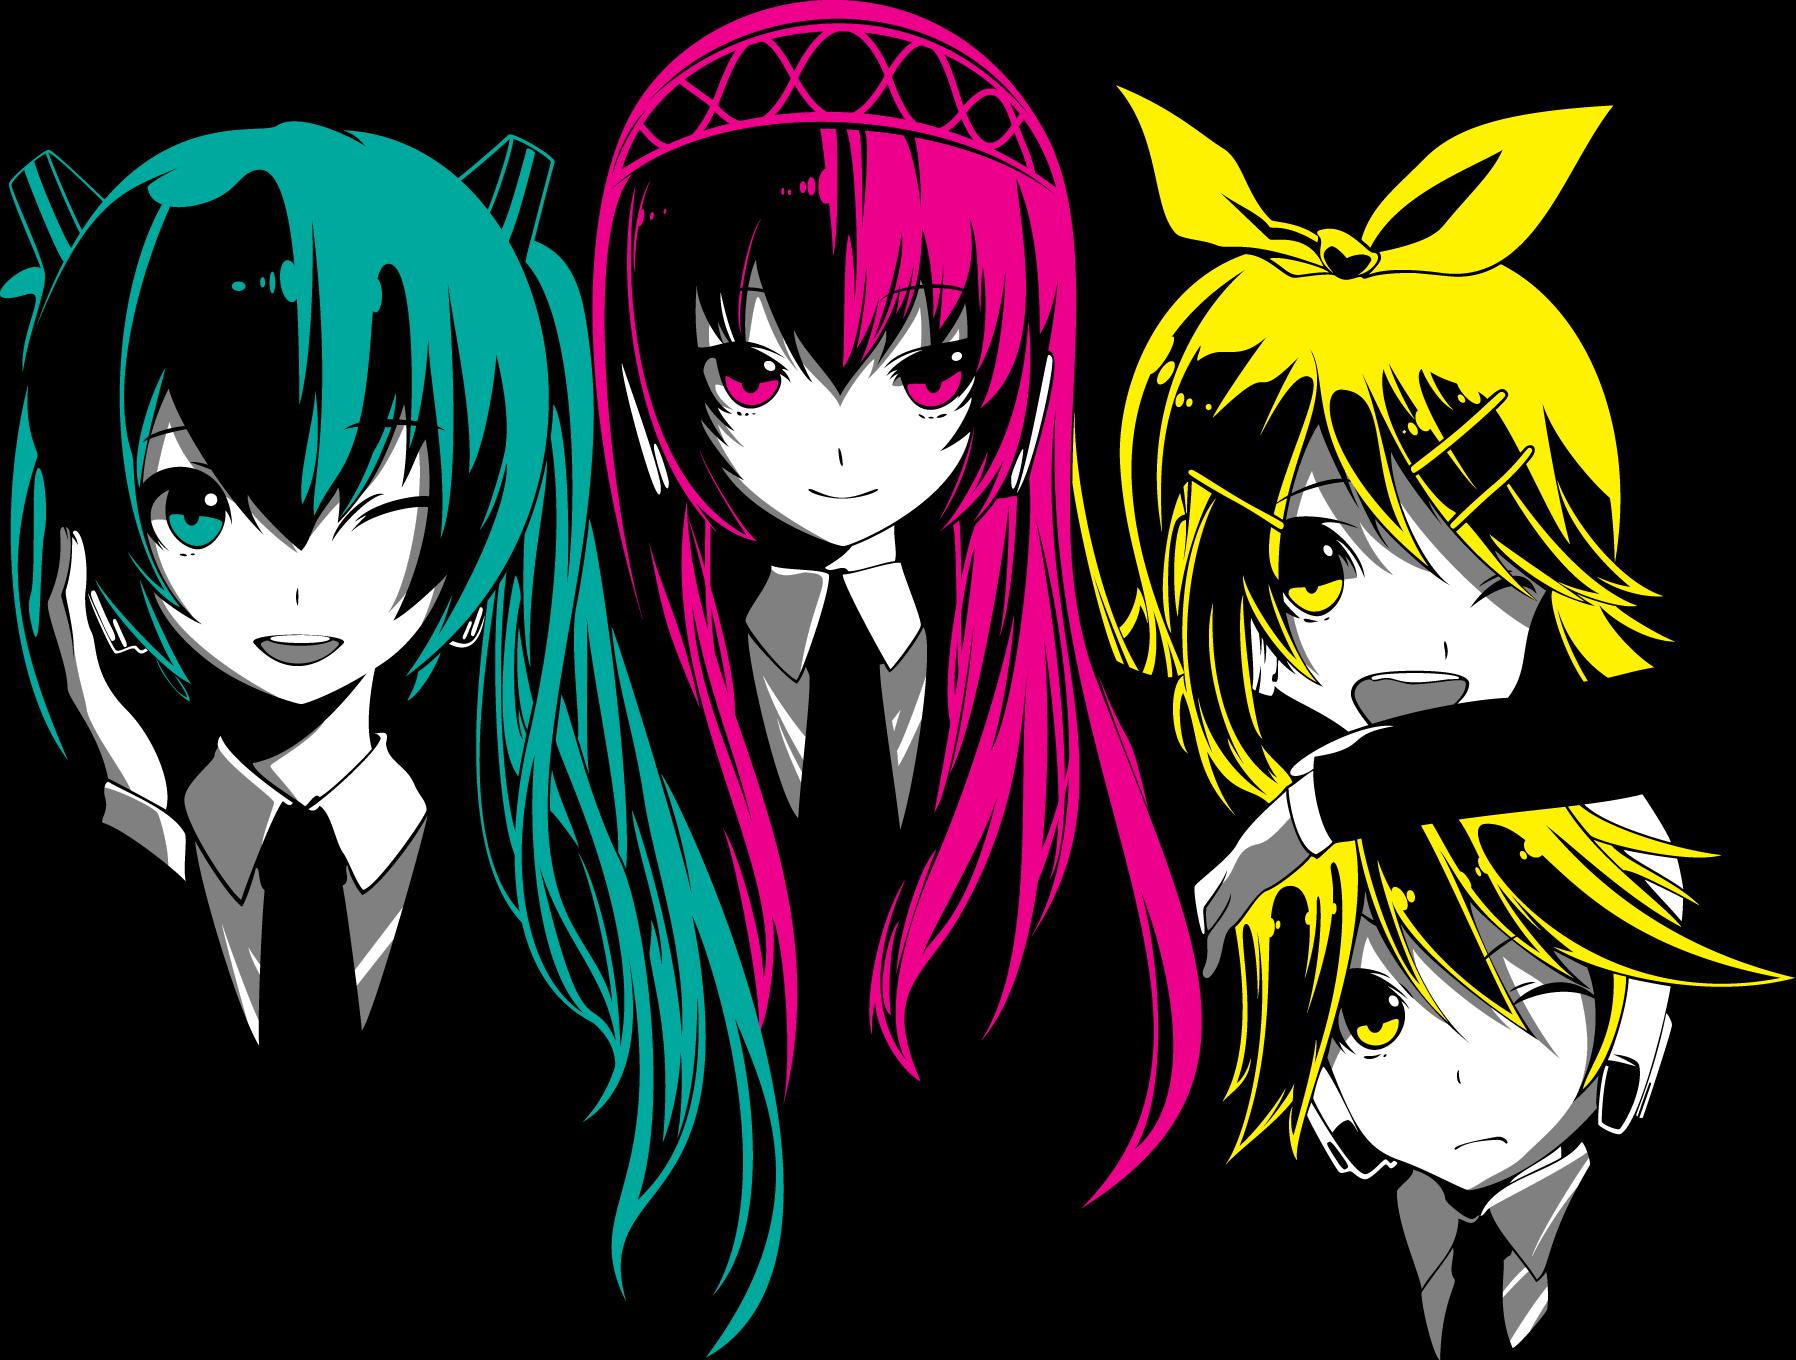 Vocaloid Wallpaper Rin Vocaloid Backgr...